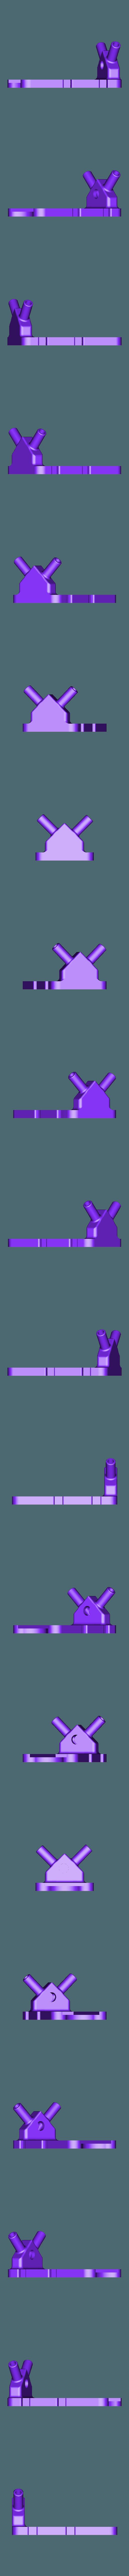 frsky_x4r_case.stl Télécharger fichier STL gratuit Protection de la CAM du FPV Aomway • Modèle pour imprimante 3D, touchthebitum